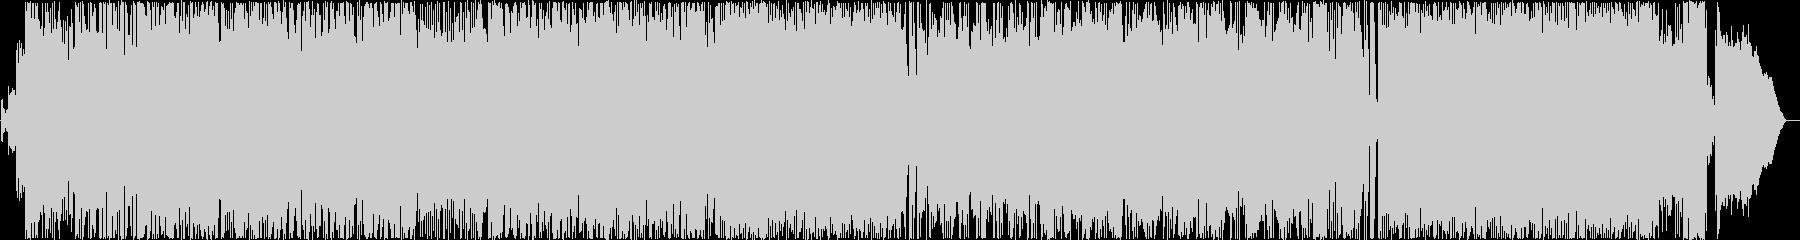 ダークファンタジーなイメージのロックの未再生の波形